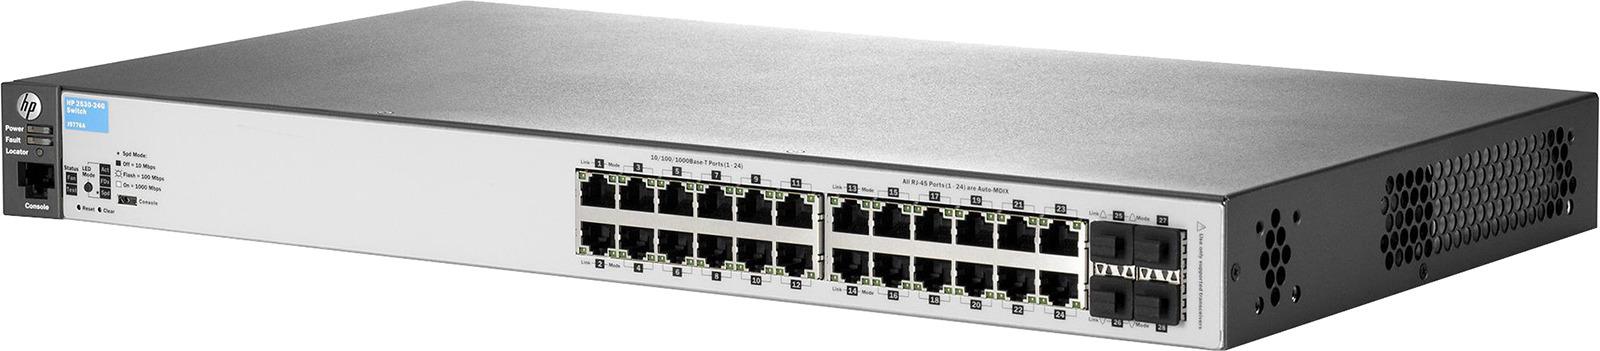 Коммутатор HPE 2530, управляемый, J9776A цены